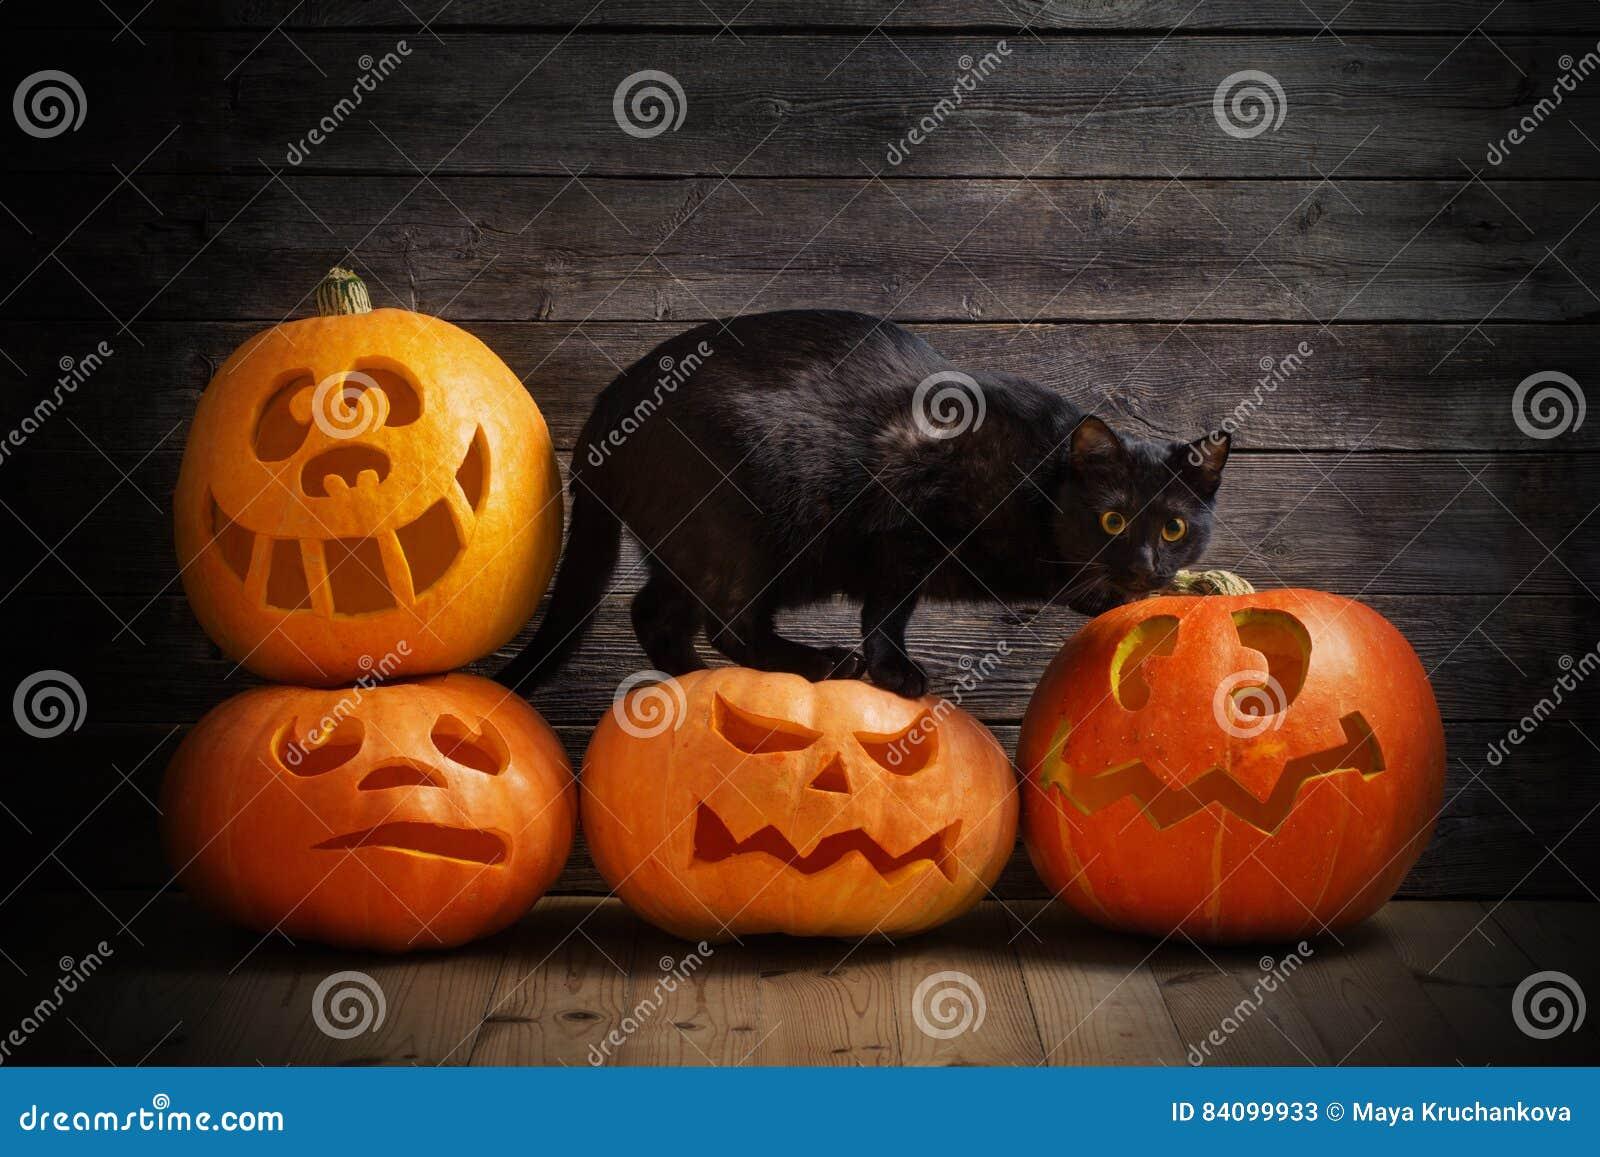 Zucca Halloween Gatto.Zucca Di Halloween E Gatto Nero Immagine Stock Immagine Di Testa